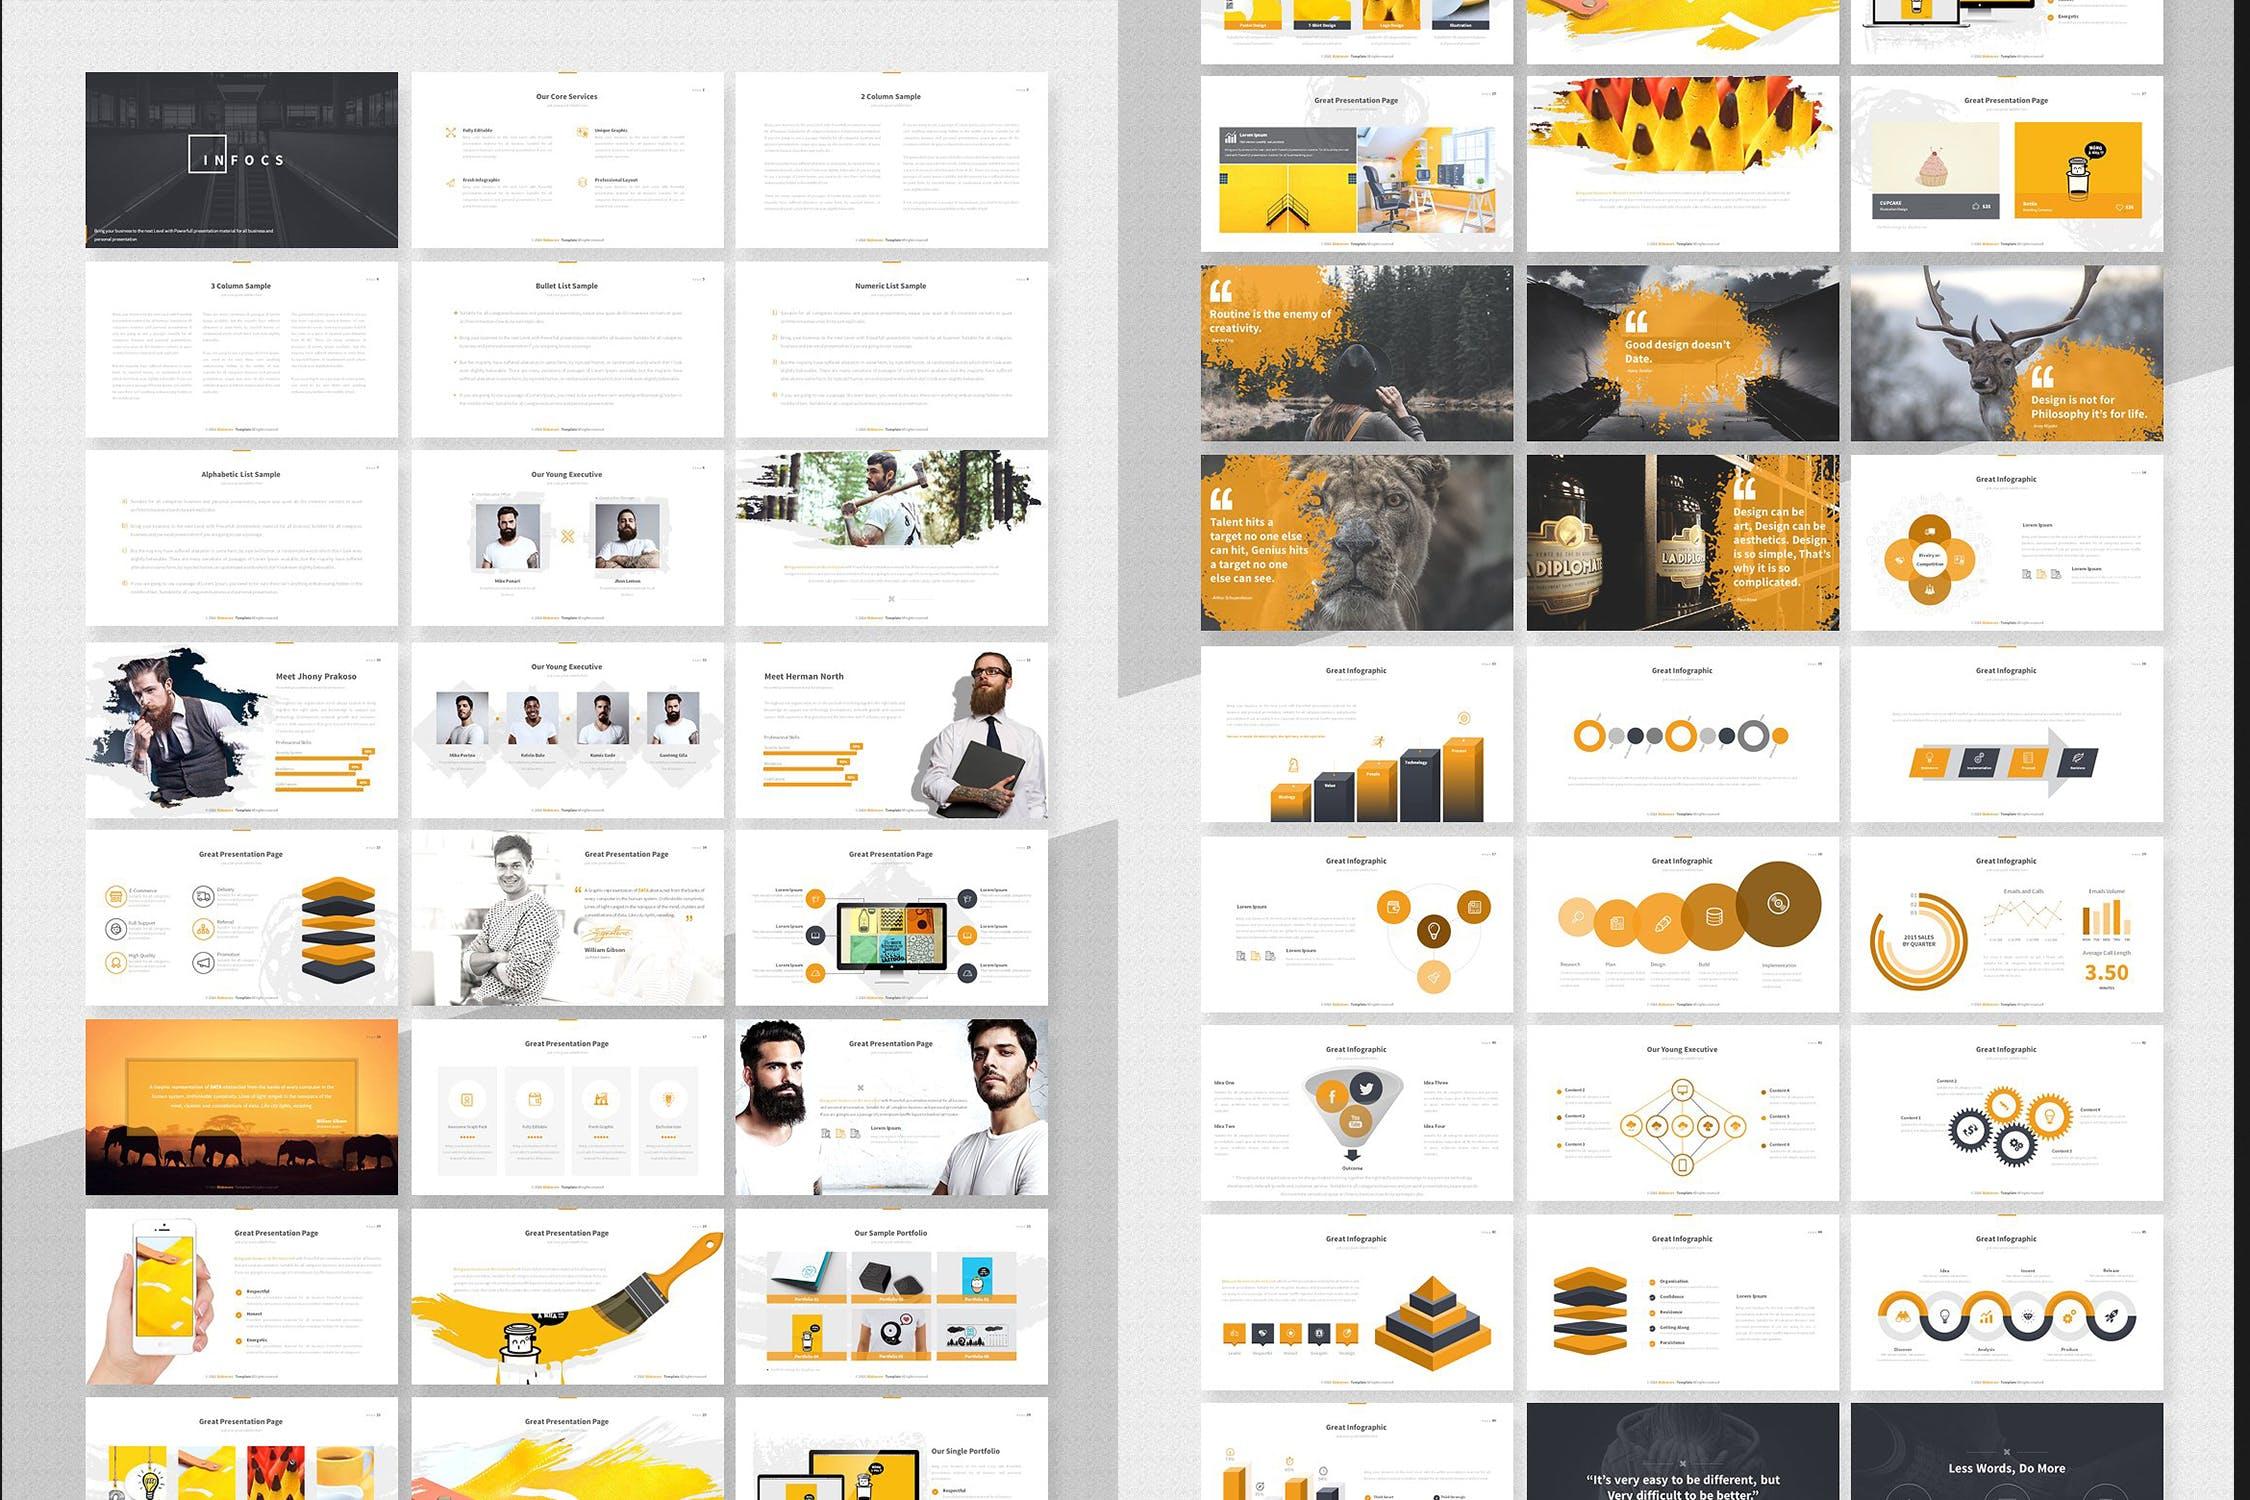 经典黑色调企业品牌介绍幻灯片模板下载Infocs Keynote Template插图(2)